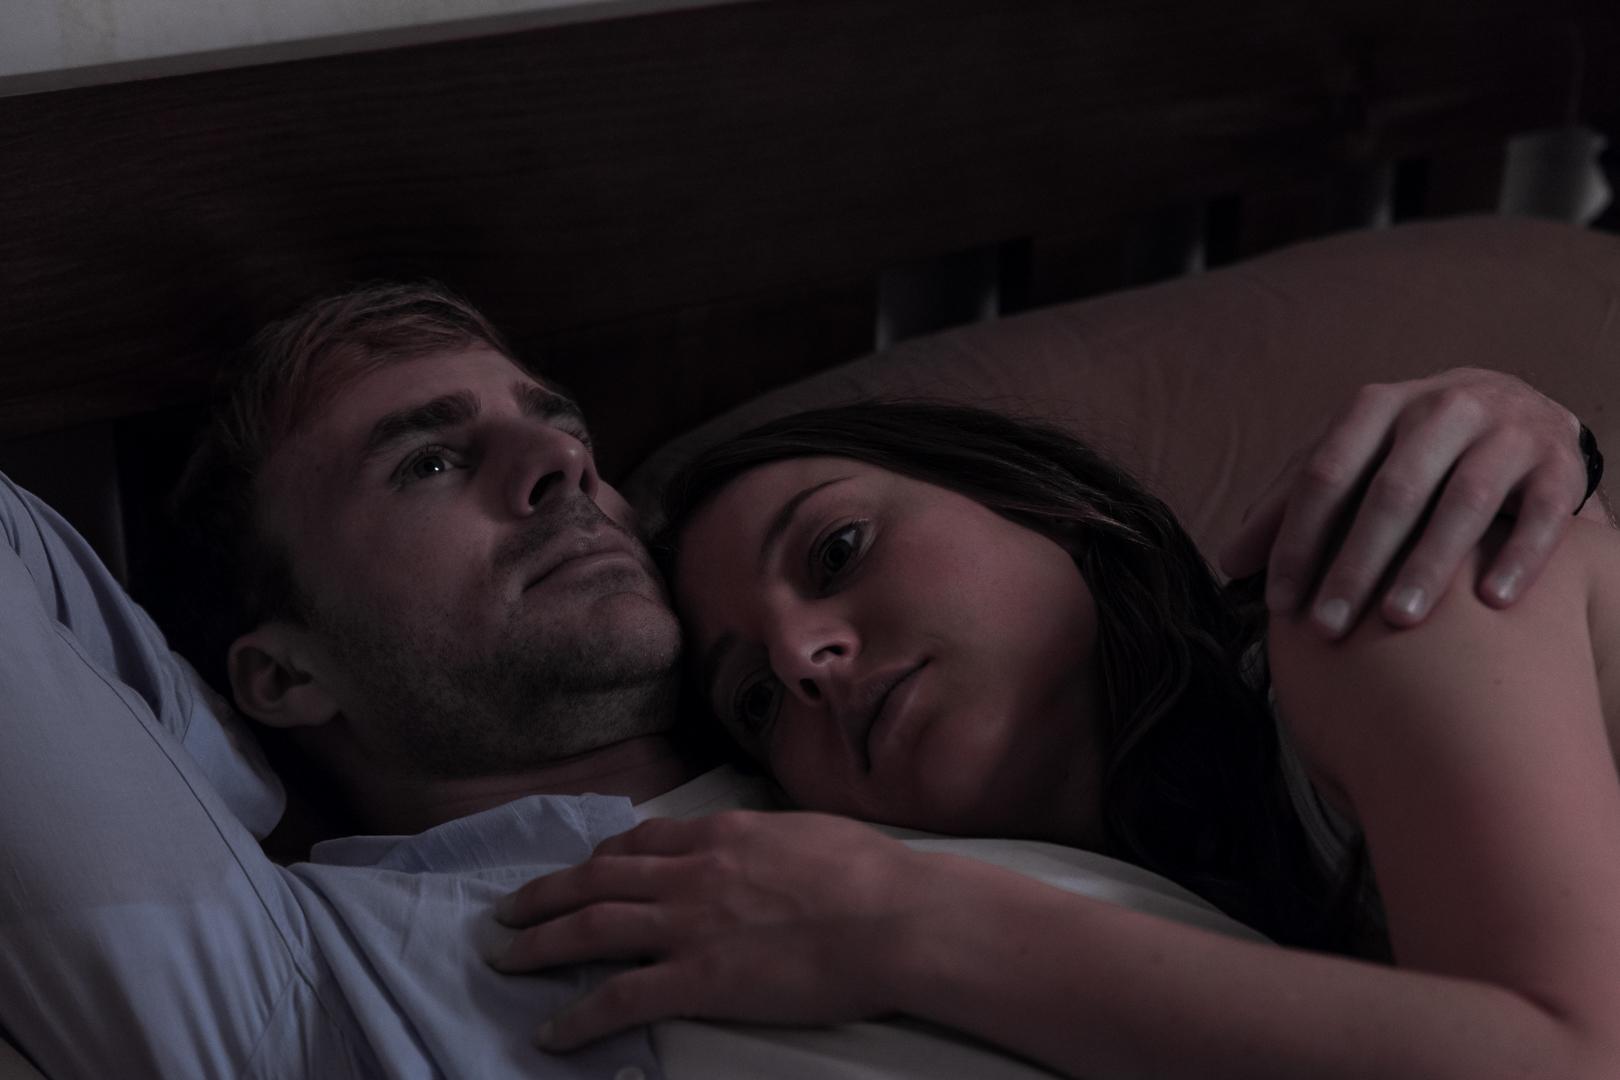 《死靈屋》納粹不死族搗亂新婚夫婦蜜月 網友盛讚「隱藏版的好電影」!